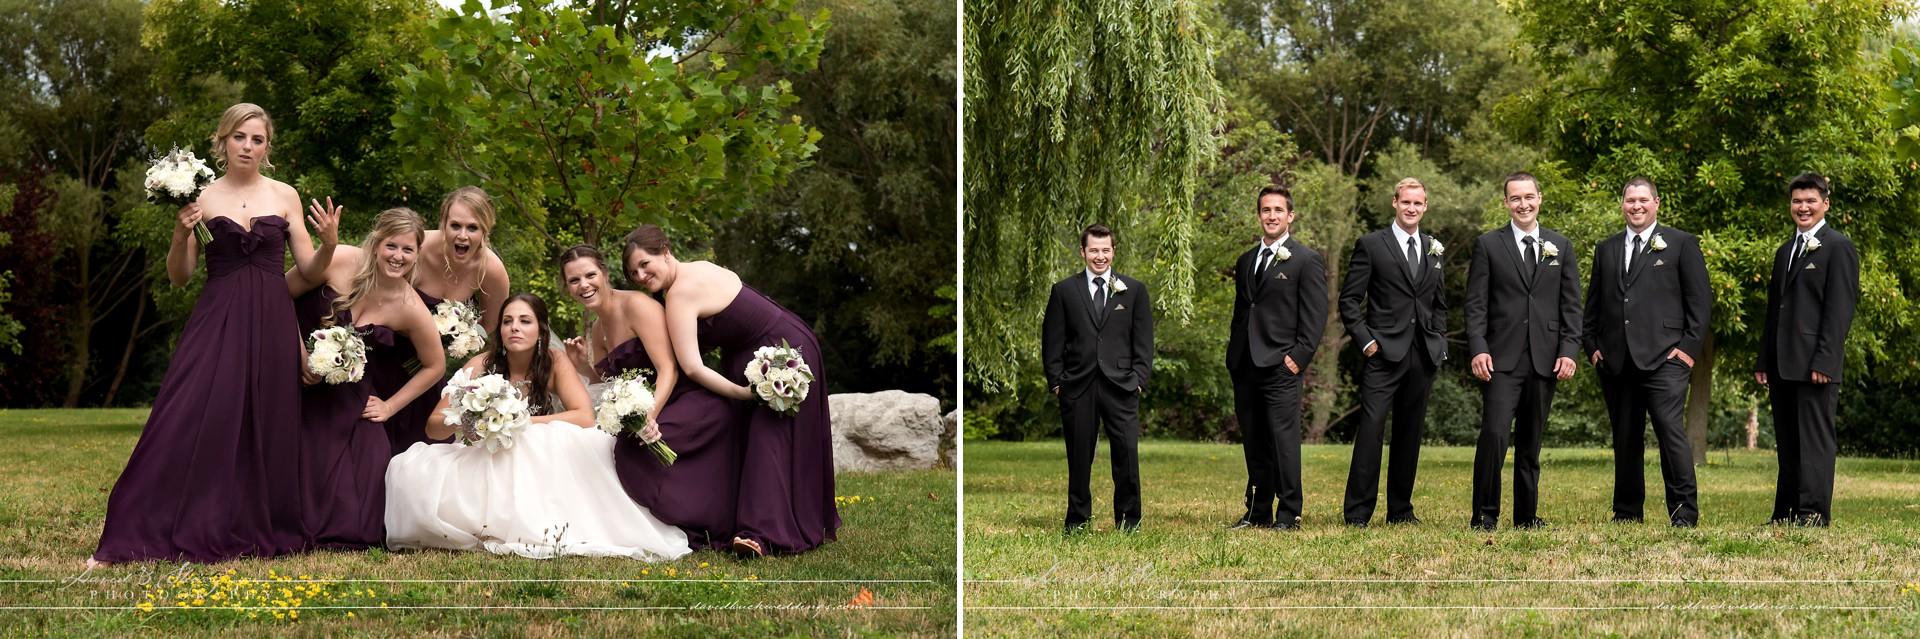 Collingwood_Wedding_Photography_16